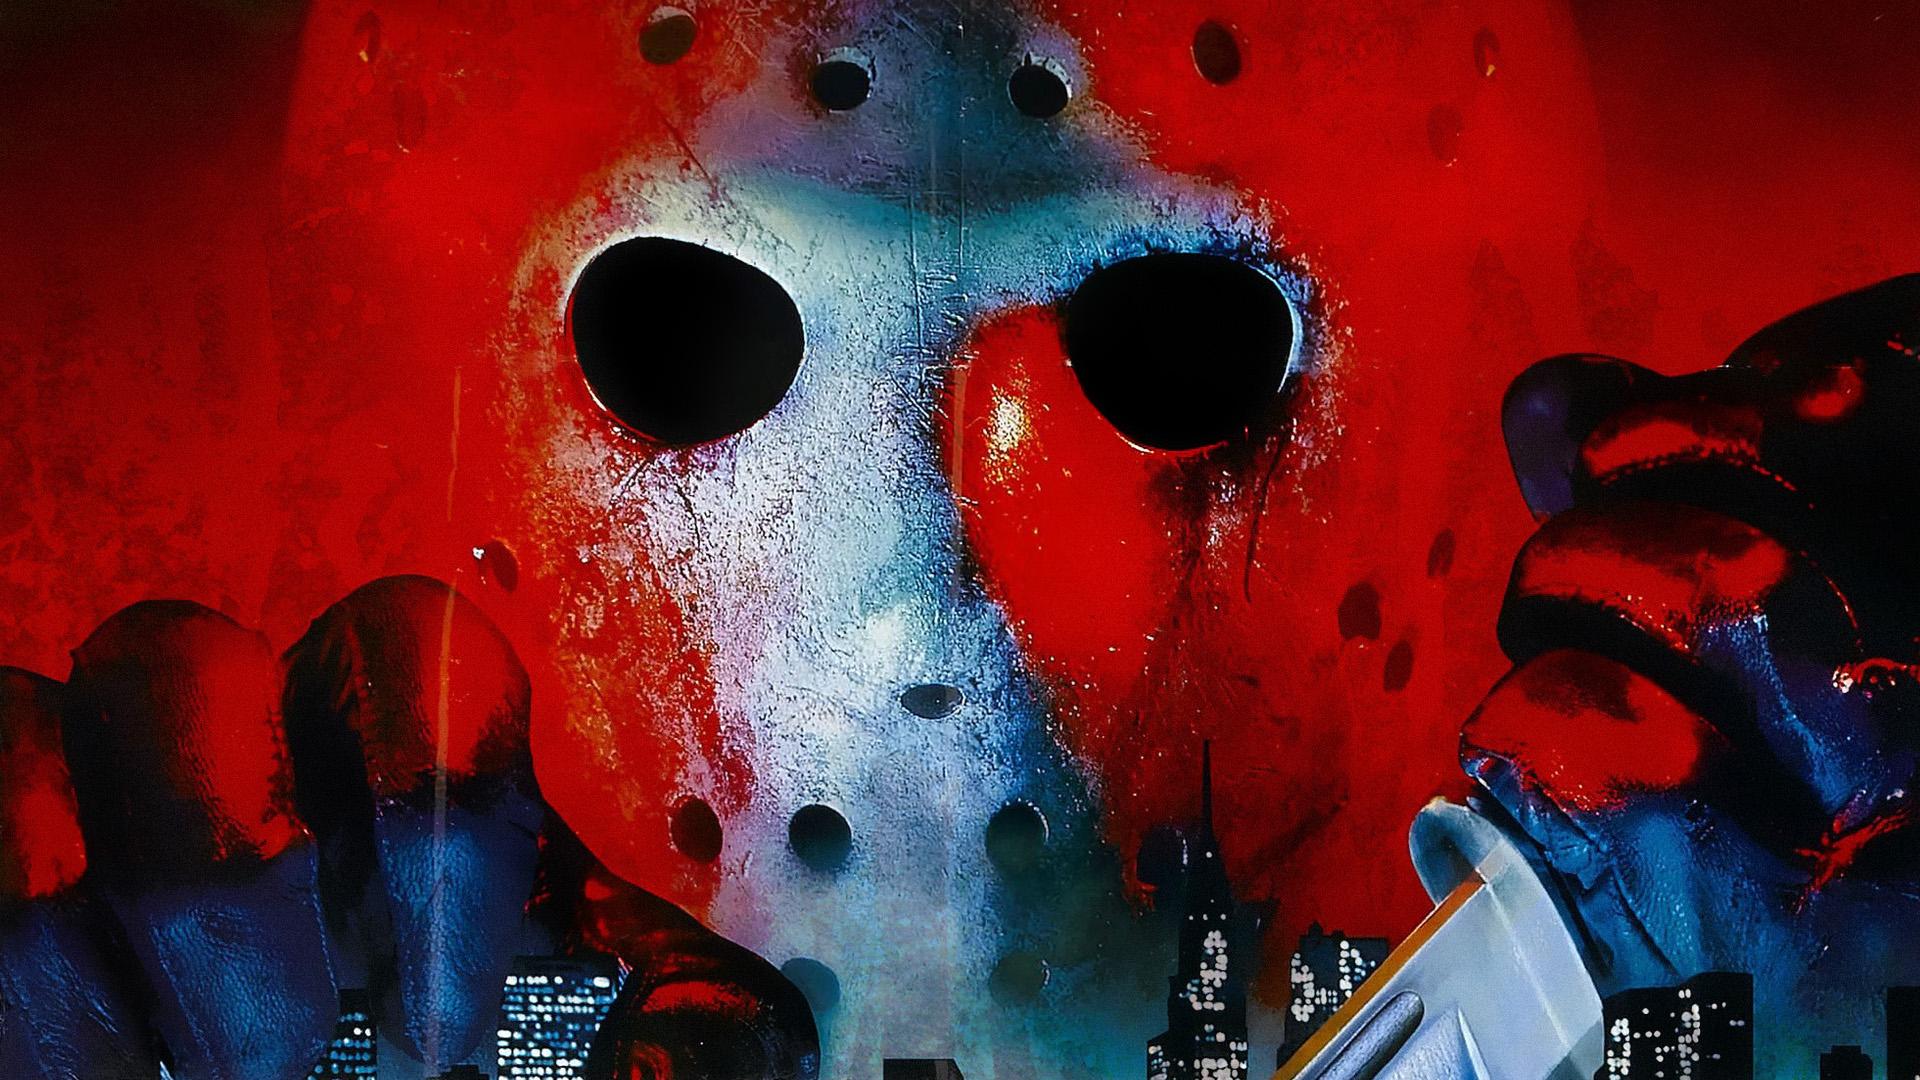 Friday The 13th Part Viii Jason Takes Manhattan Hd Wallpaper